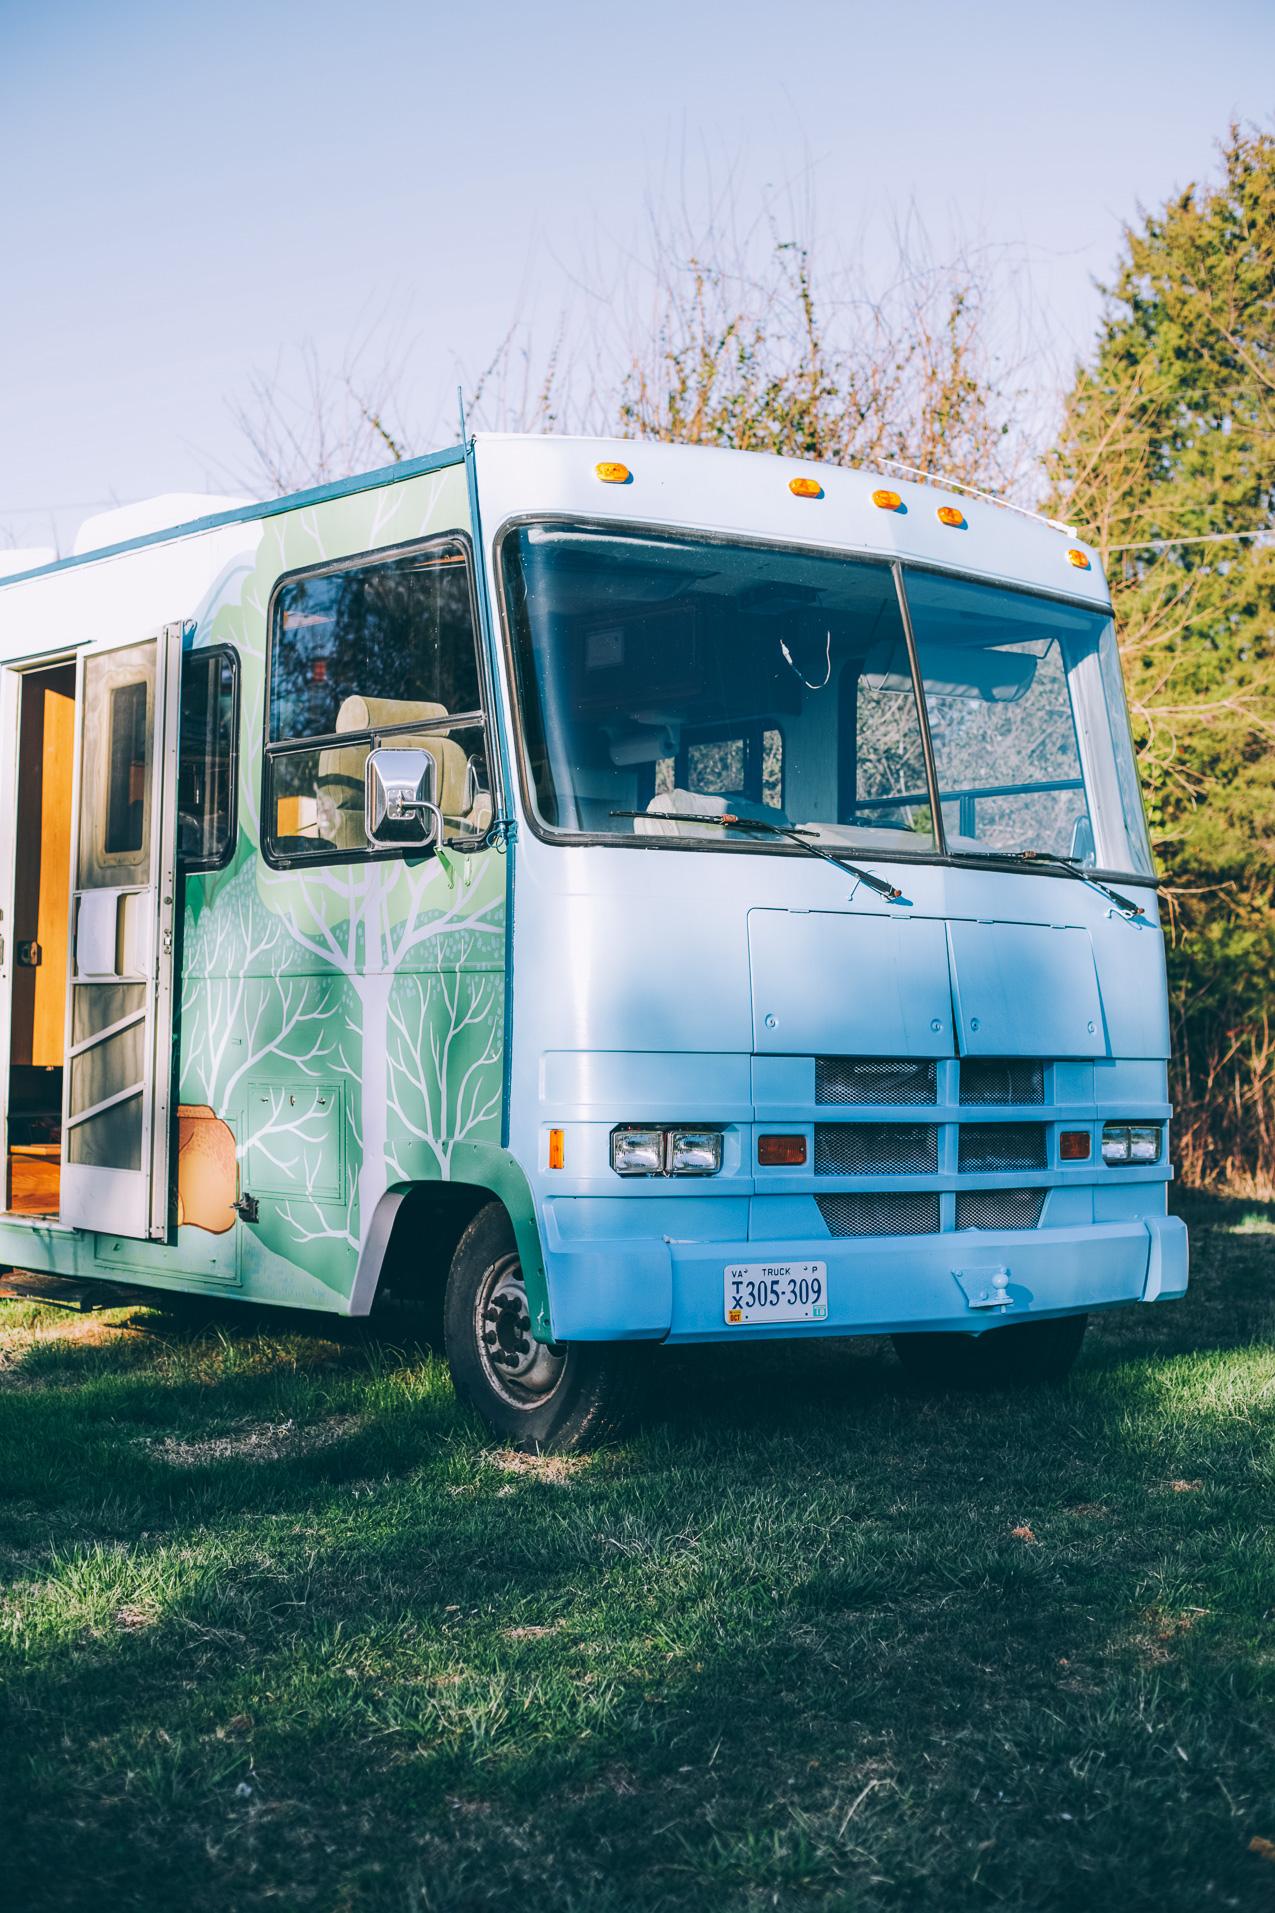 a-bluegrass-creamery-3470.jpg